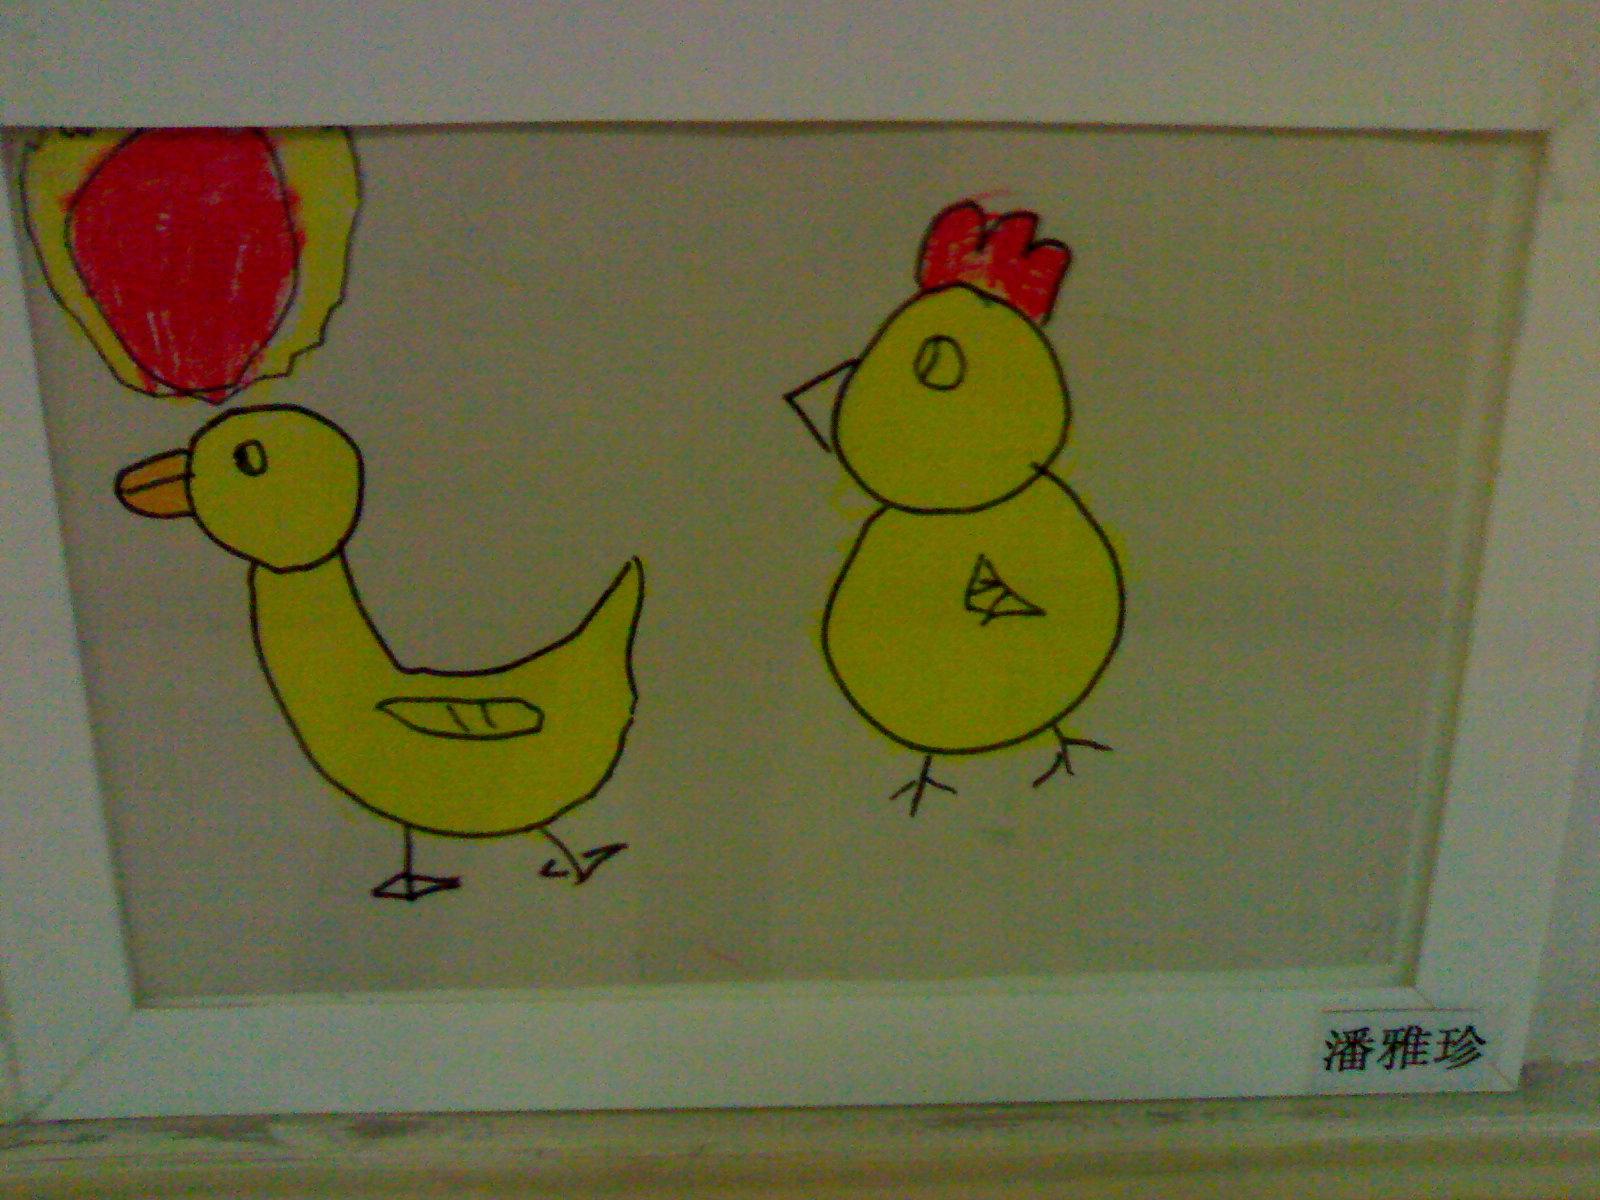 幼儿园小班艺术圆形添画